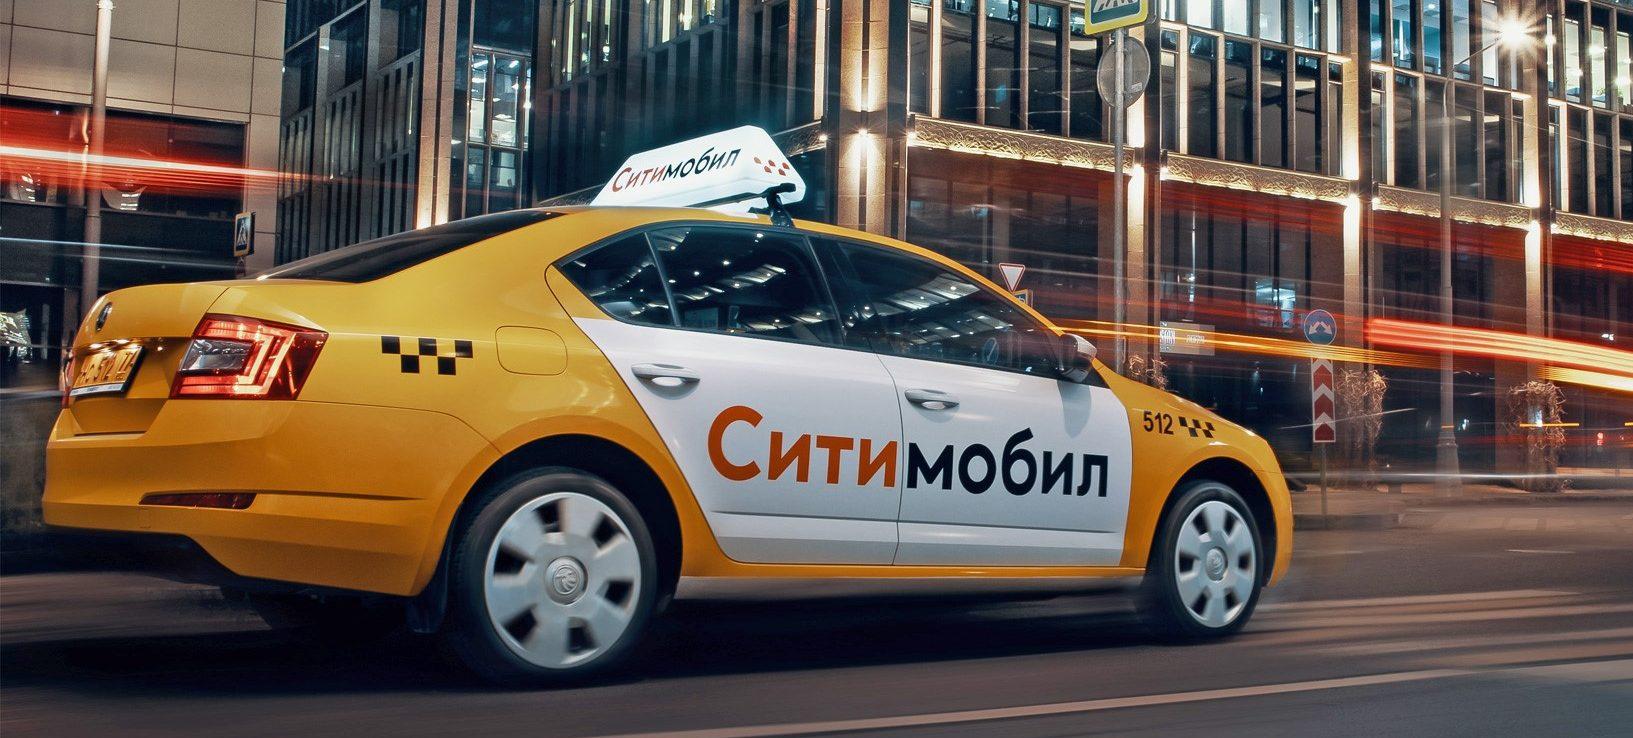 Преимущества работы в такси «Ситимобил» на собственном и арендном автомобиле